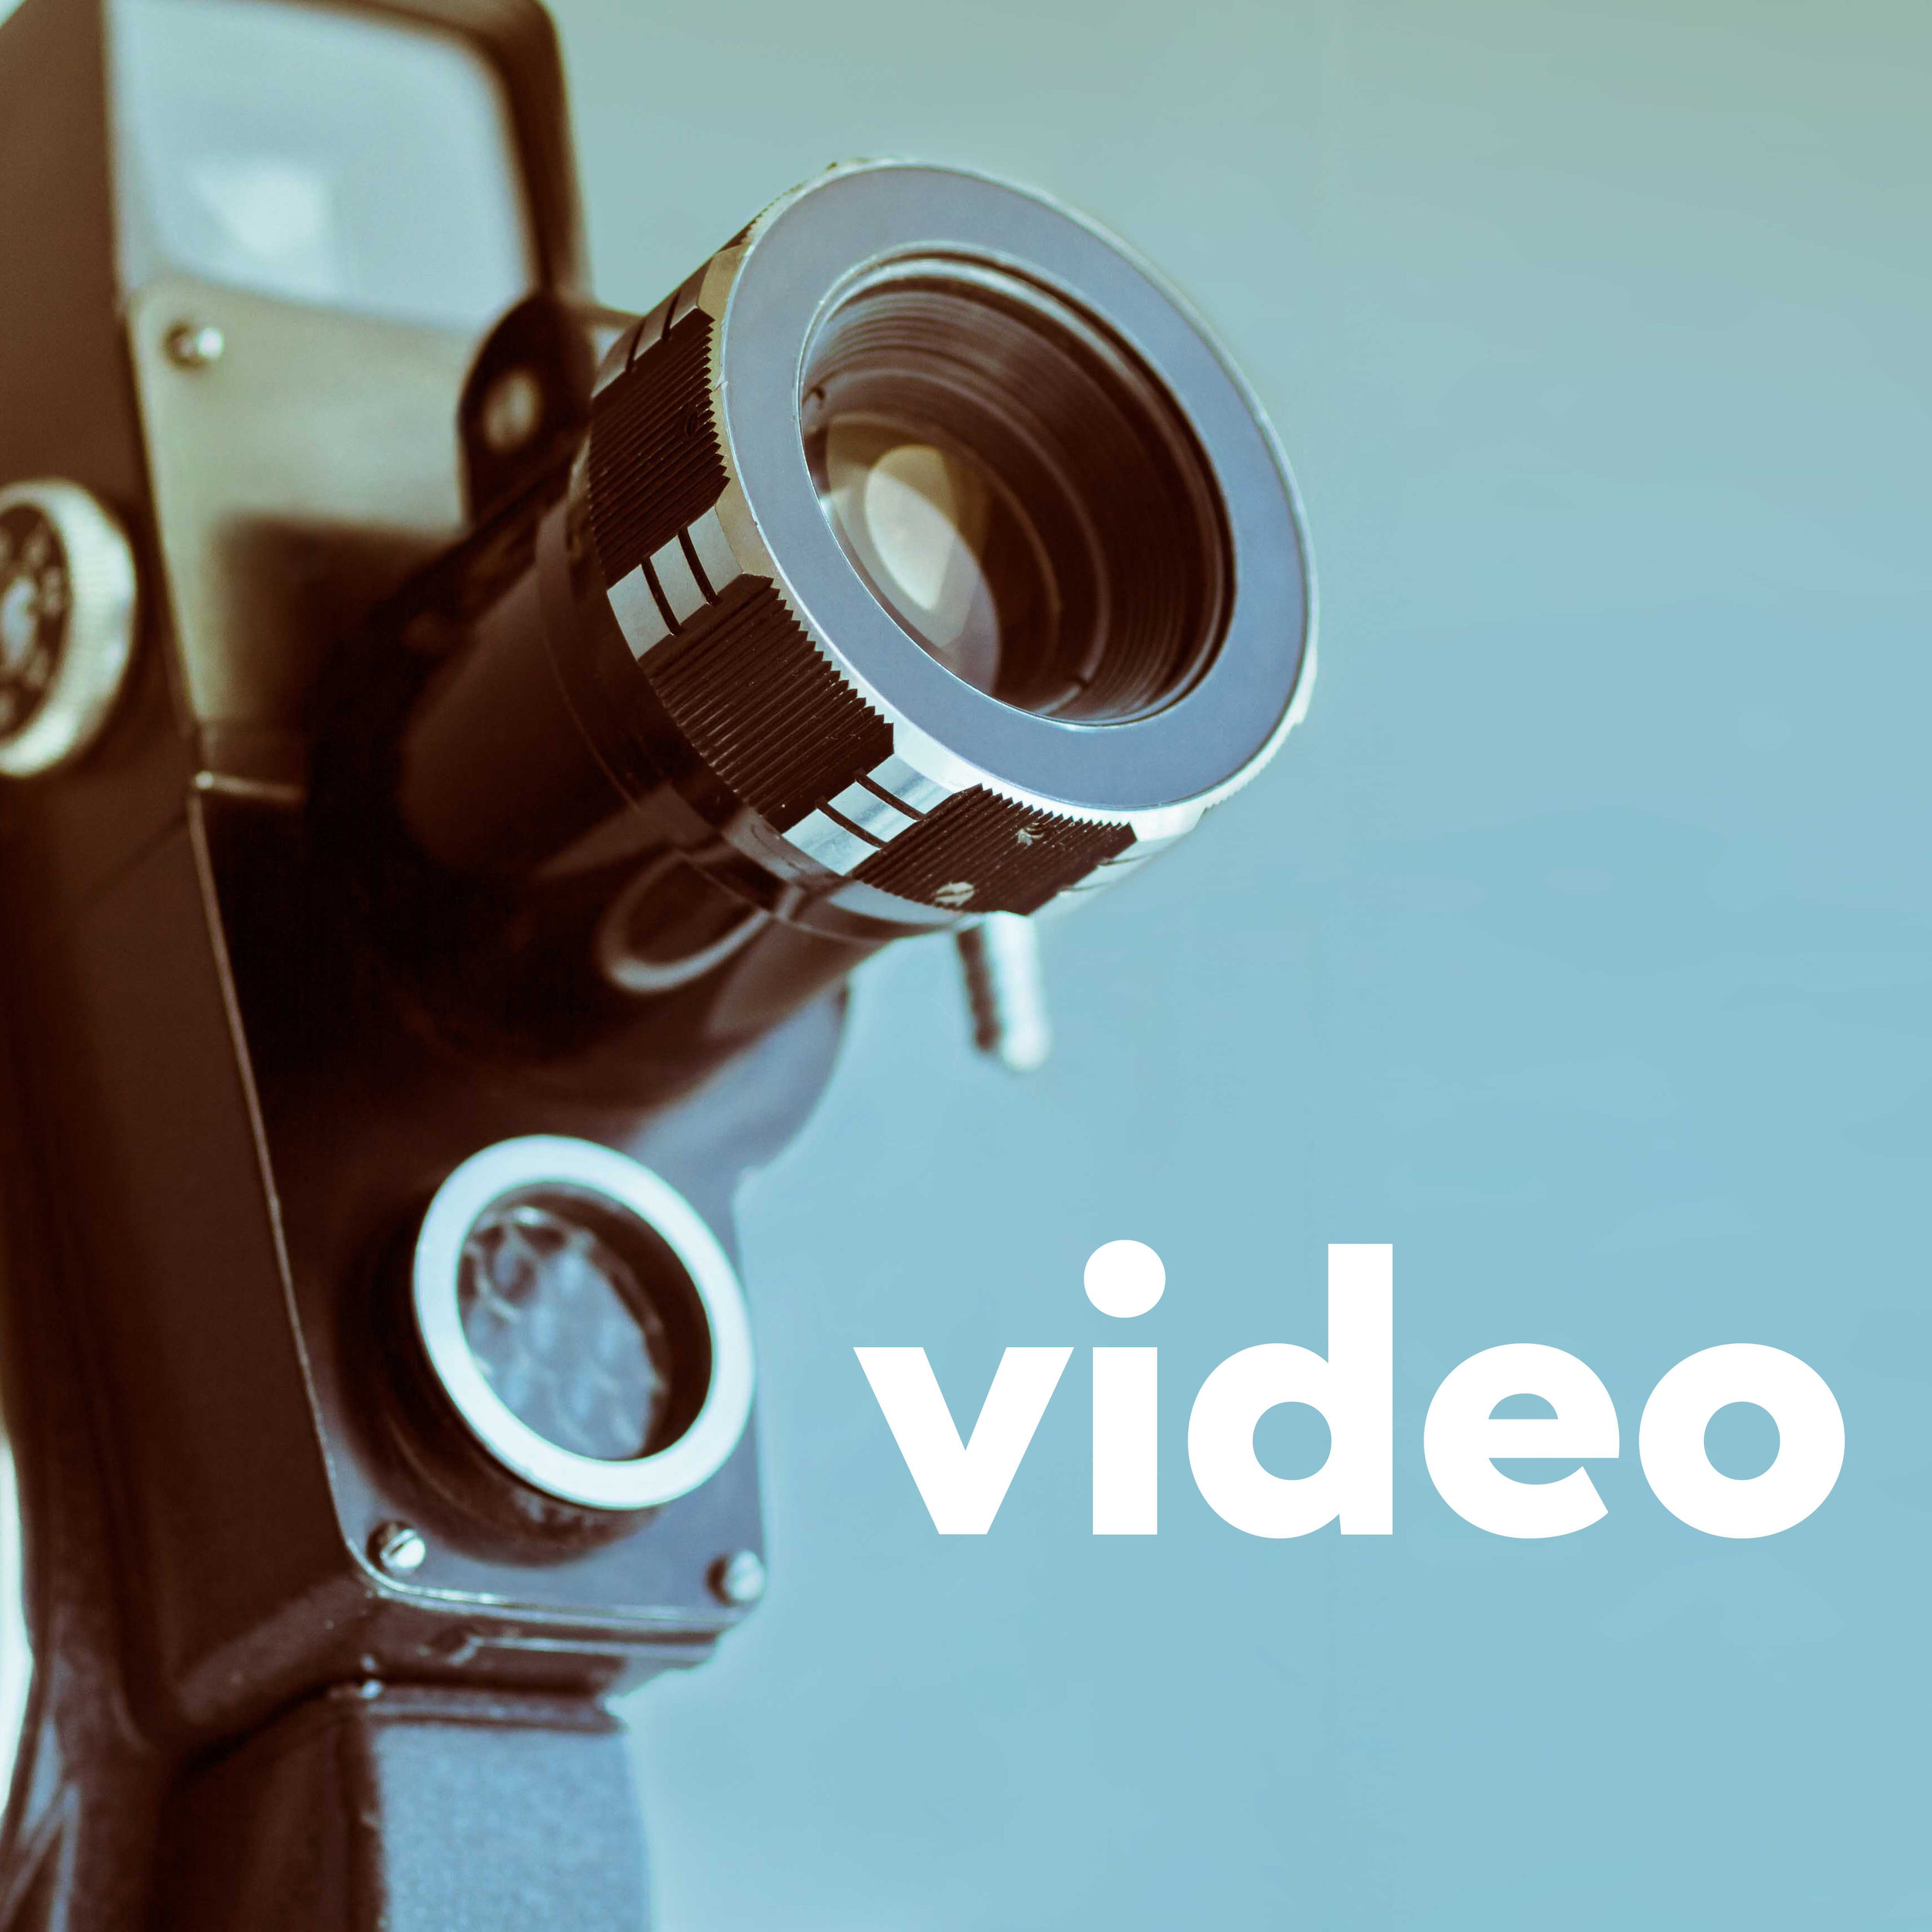 videoimage.jpg